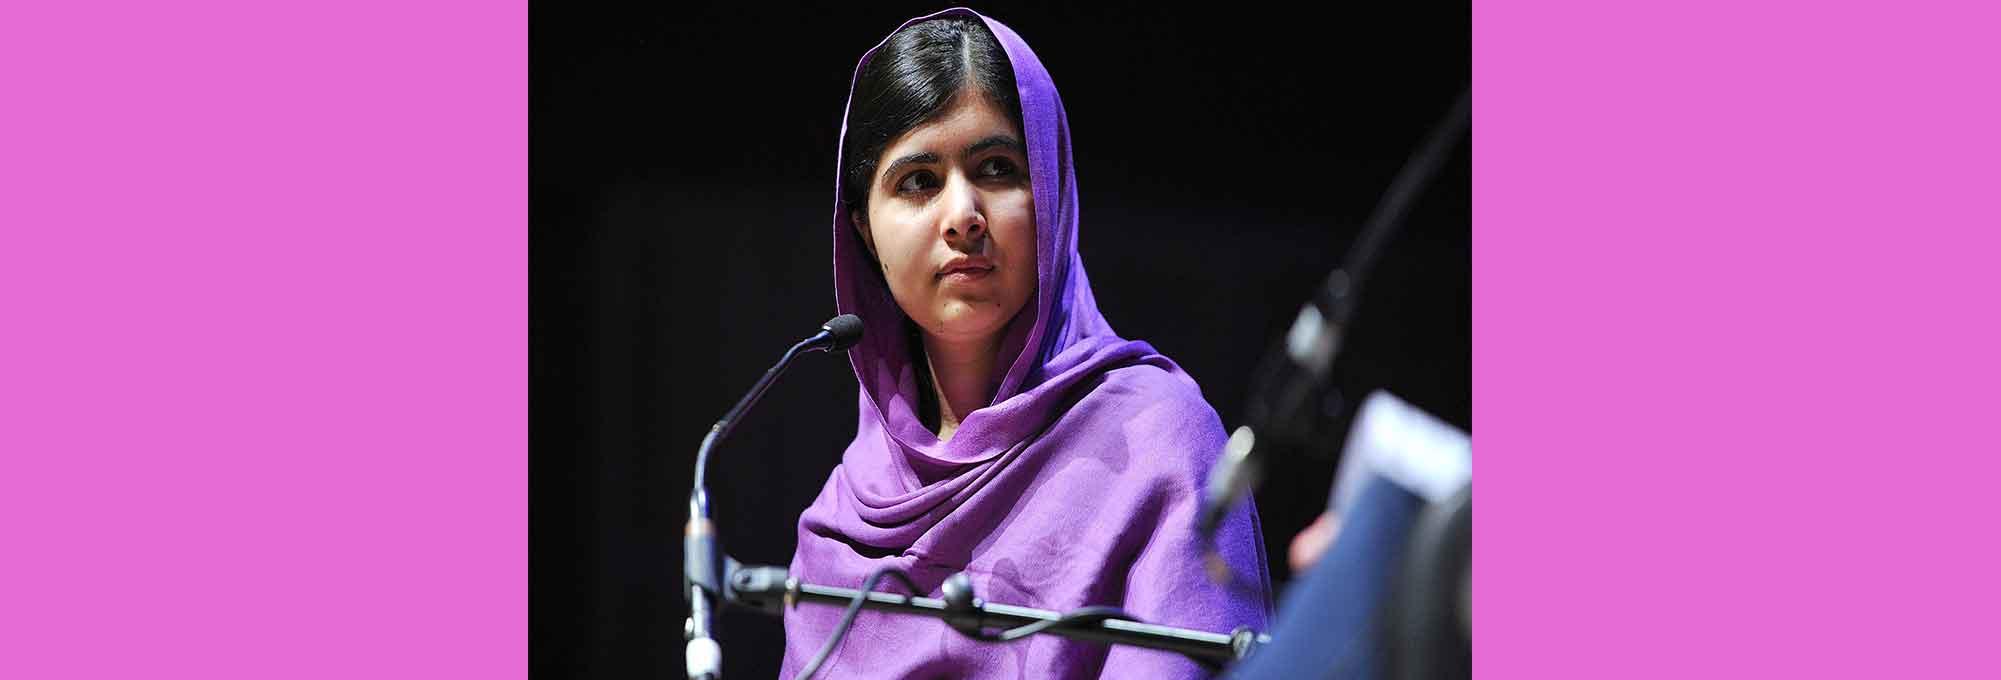 Malala, il discorso al Nobel che tutti dovrebbero leggere